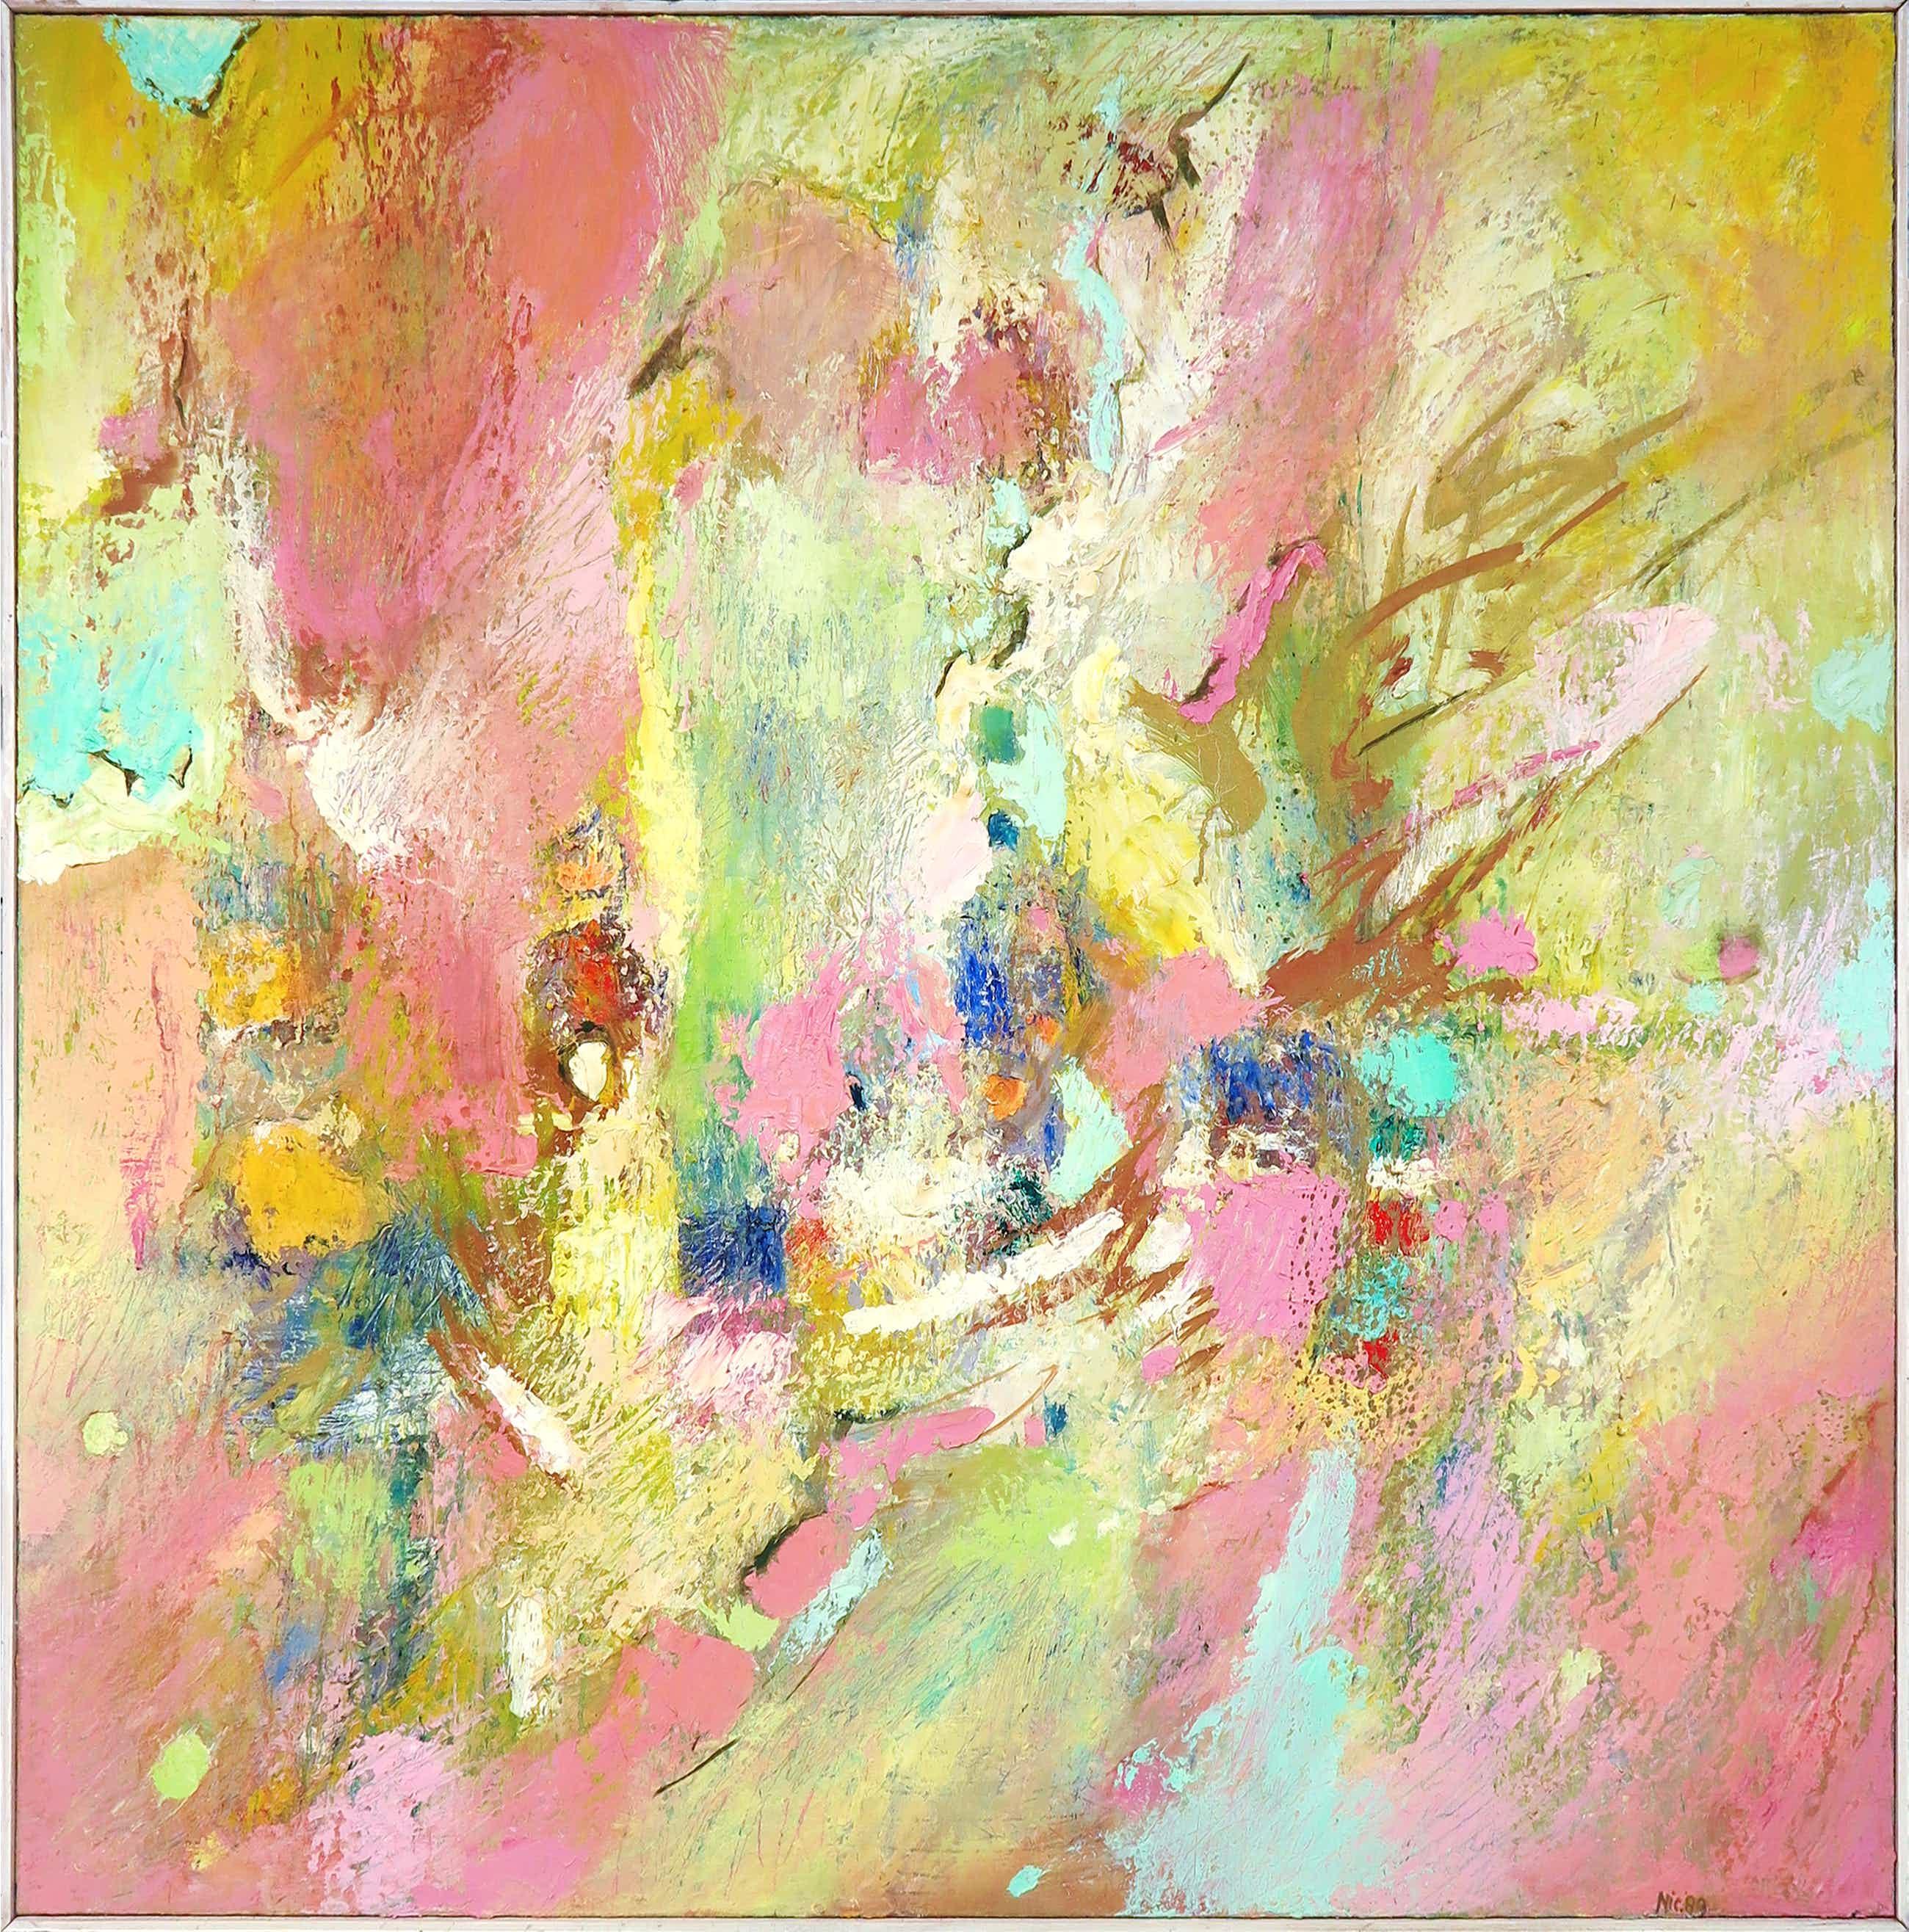 Frans Nicolai - Olieverf op doek, Abstract landschap - Ingelijst (Zeer groot) kopen? Bied vanaf 376!